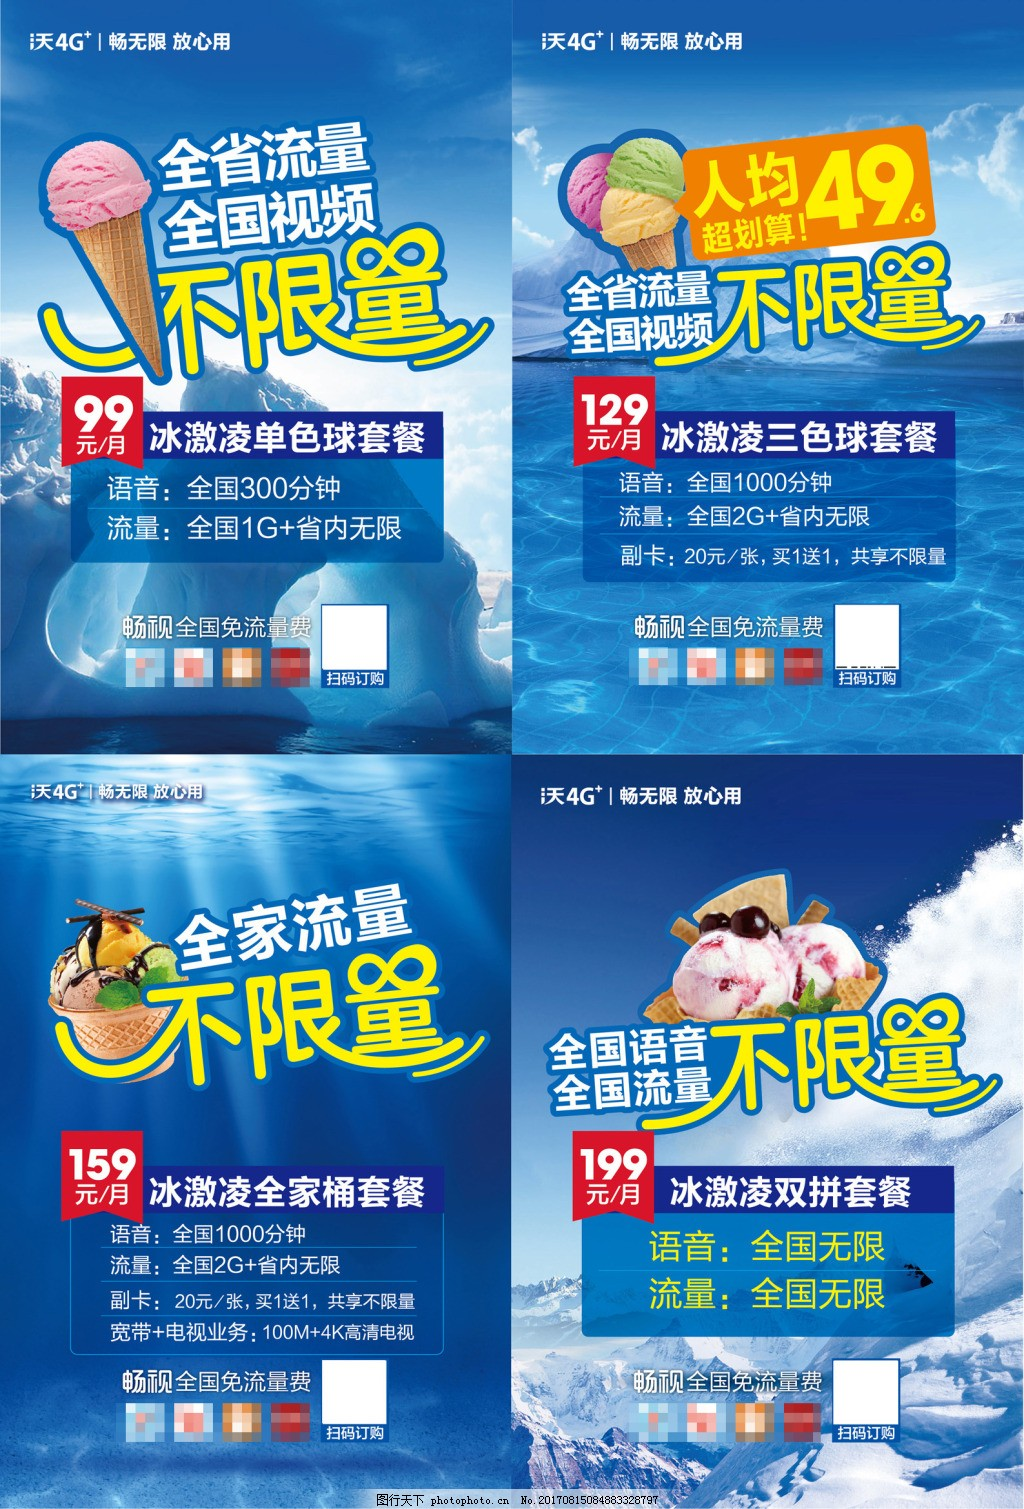 冰激凌海报设计模板 联通 冰激凌套餐 不限量 清凉背景 冰山背景图片